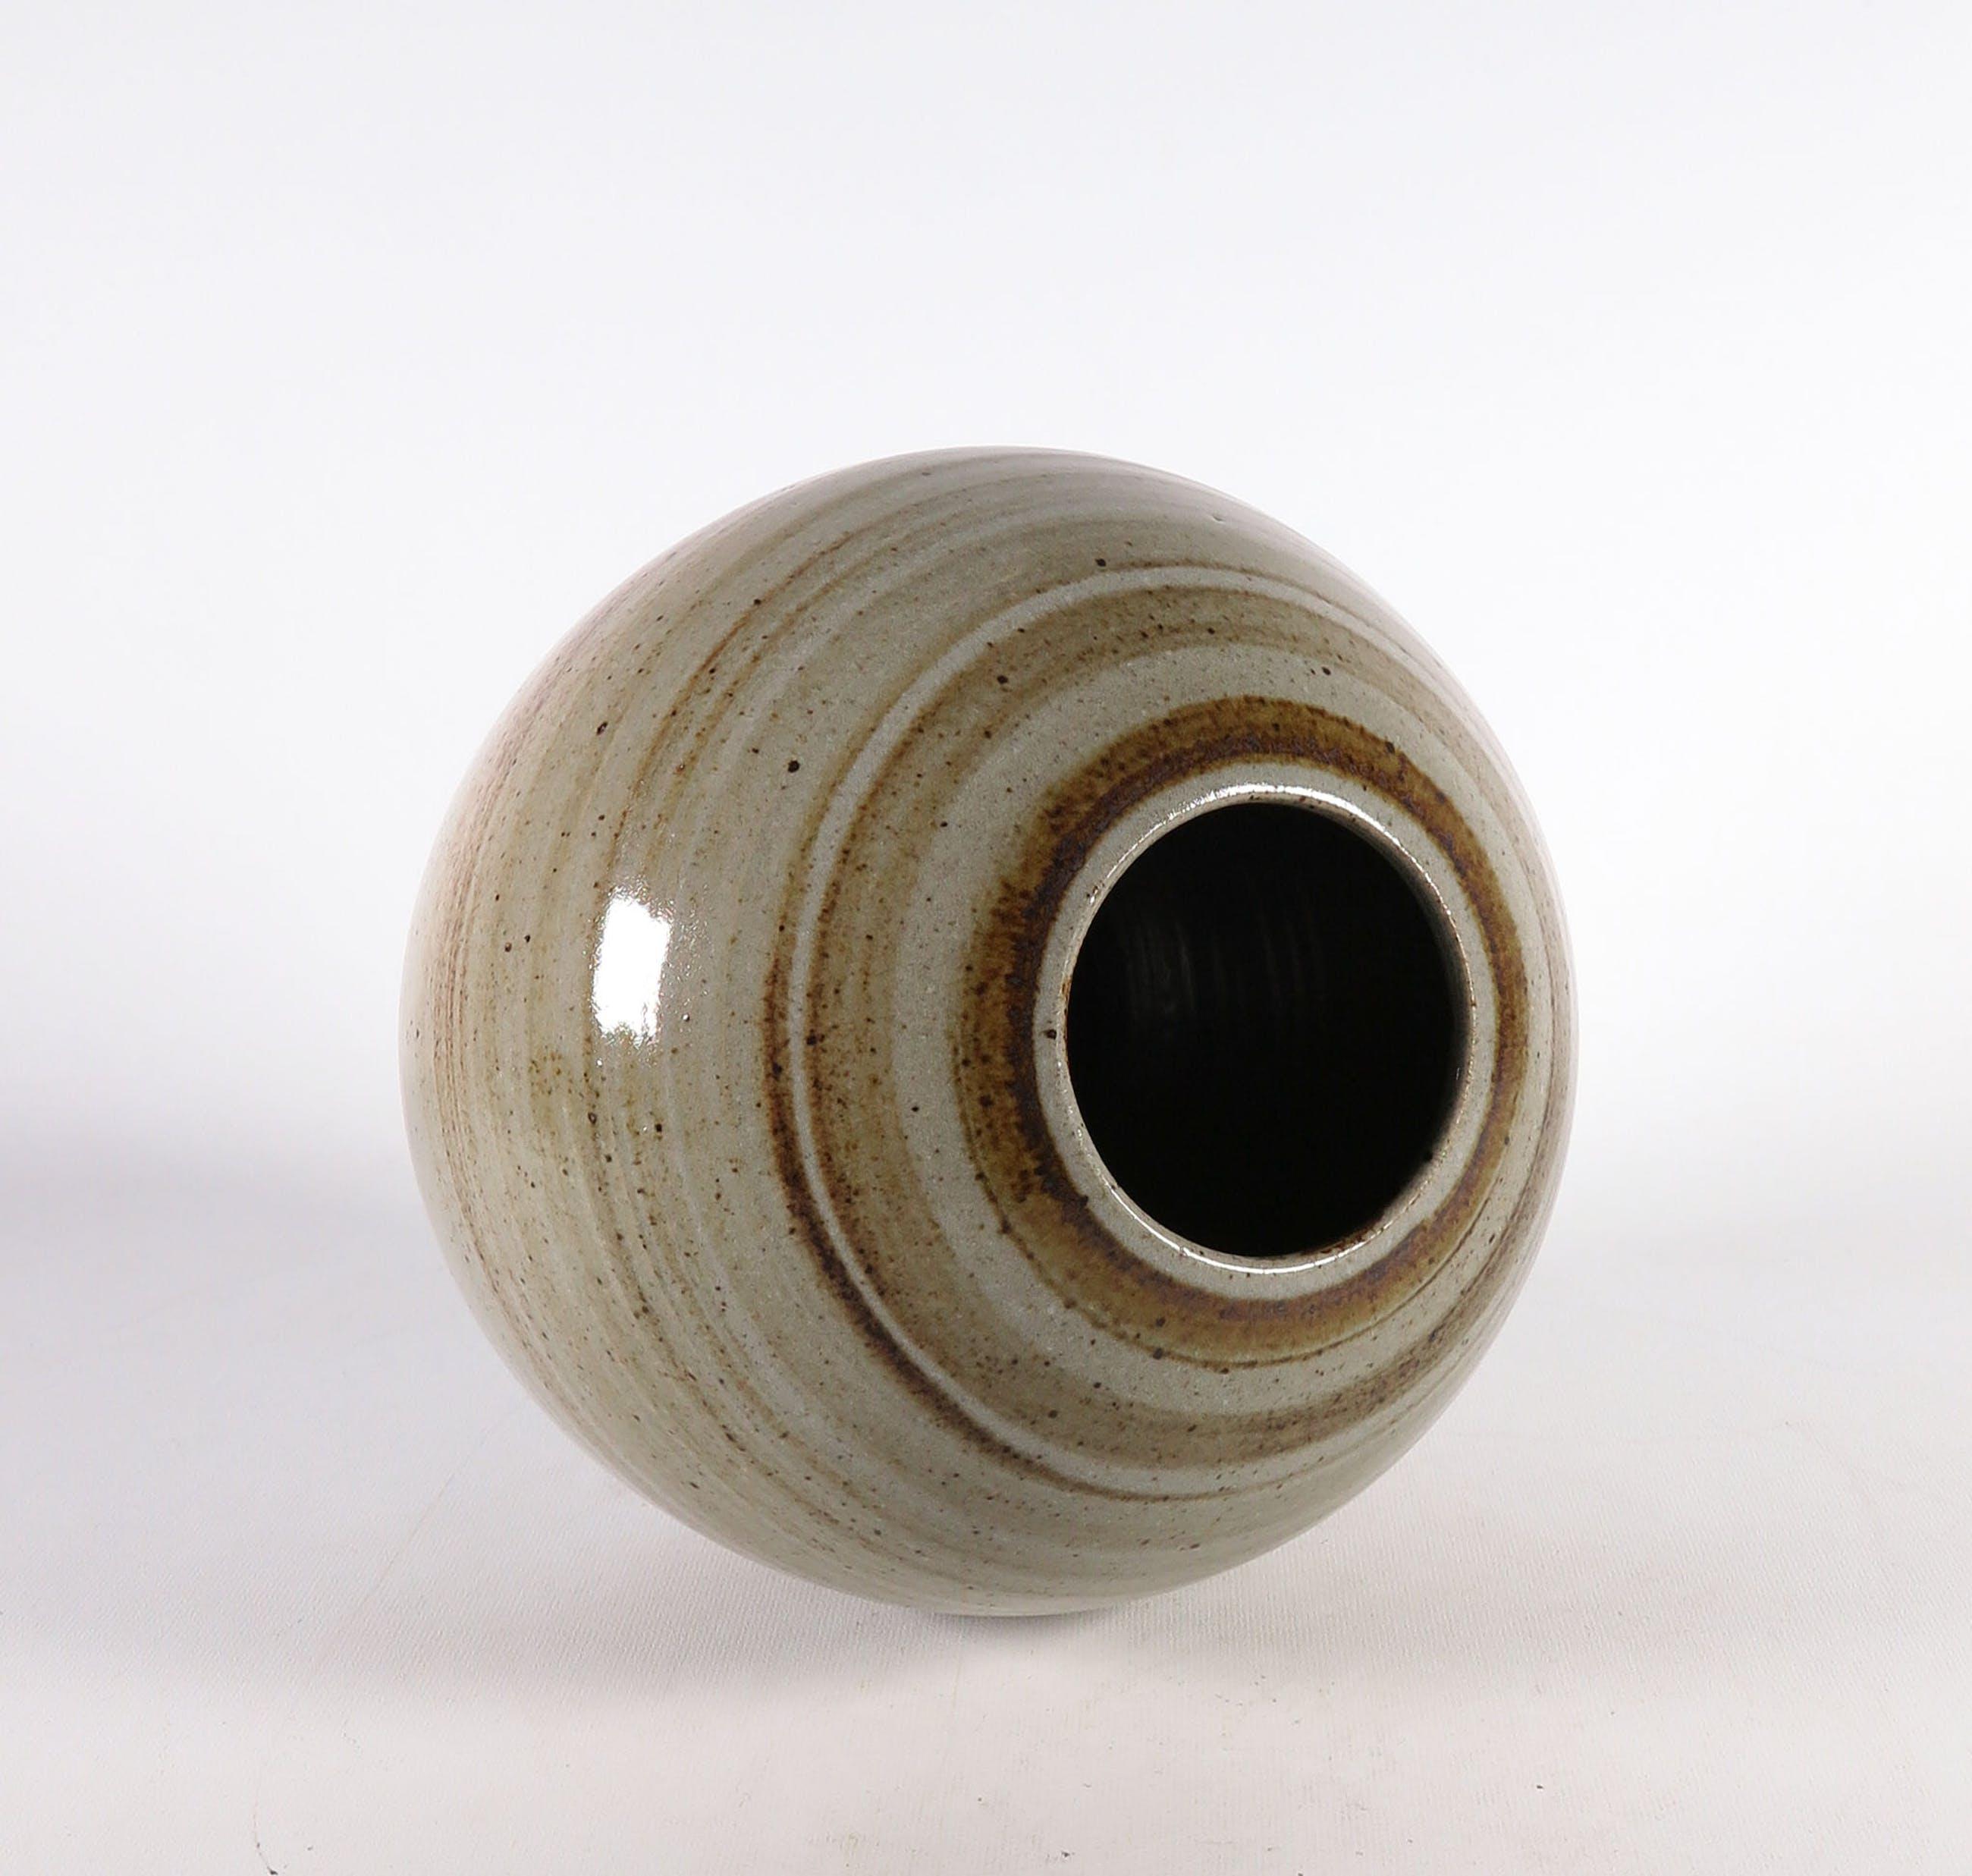 Potterij Zaalberg - Steengoed, Bolle vaas kopen? Bied vanaf 1!